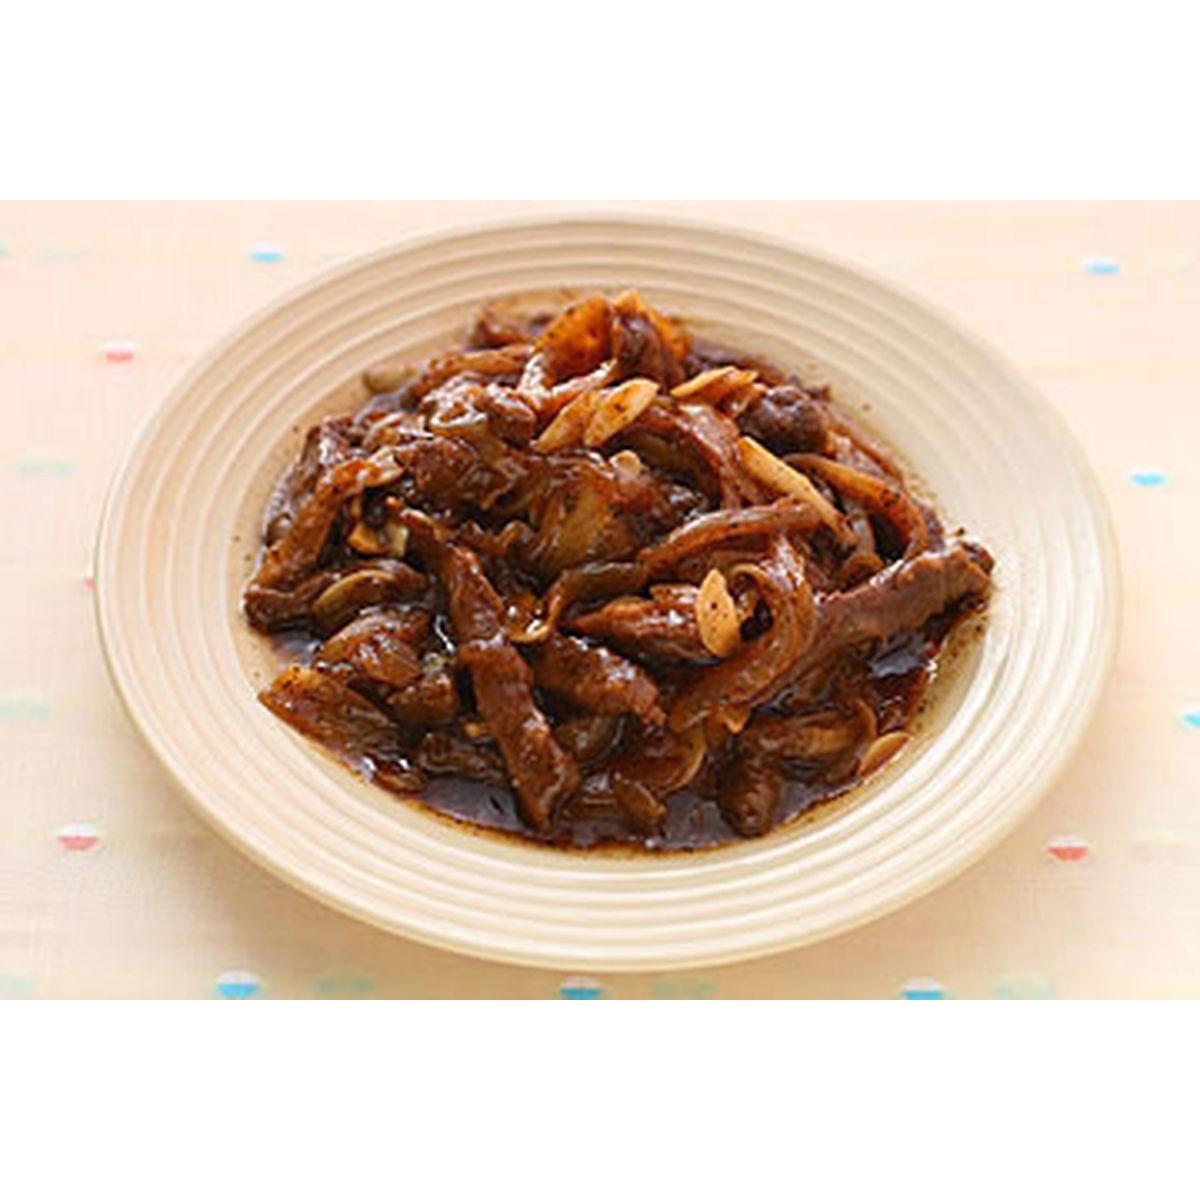 食譜:黑胡椒牛柳的好吃秘訣